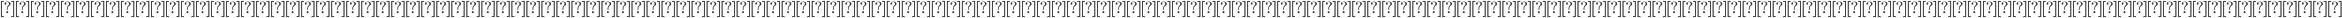 {\displaystyle ほとんどの参考書が説明を誤魔化していて、おそらく、高校物理の指導要領内ではちゃんとした根拠を得られない。 }